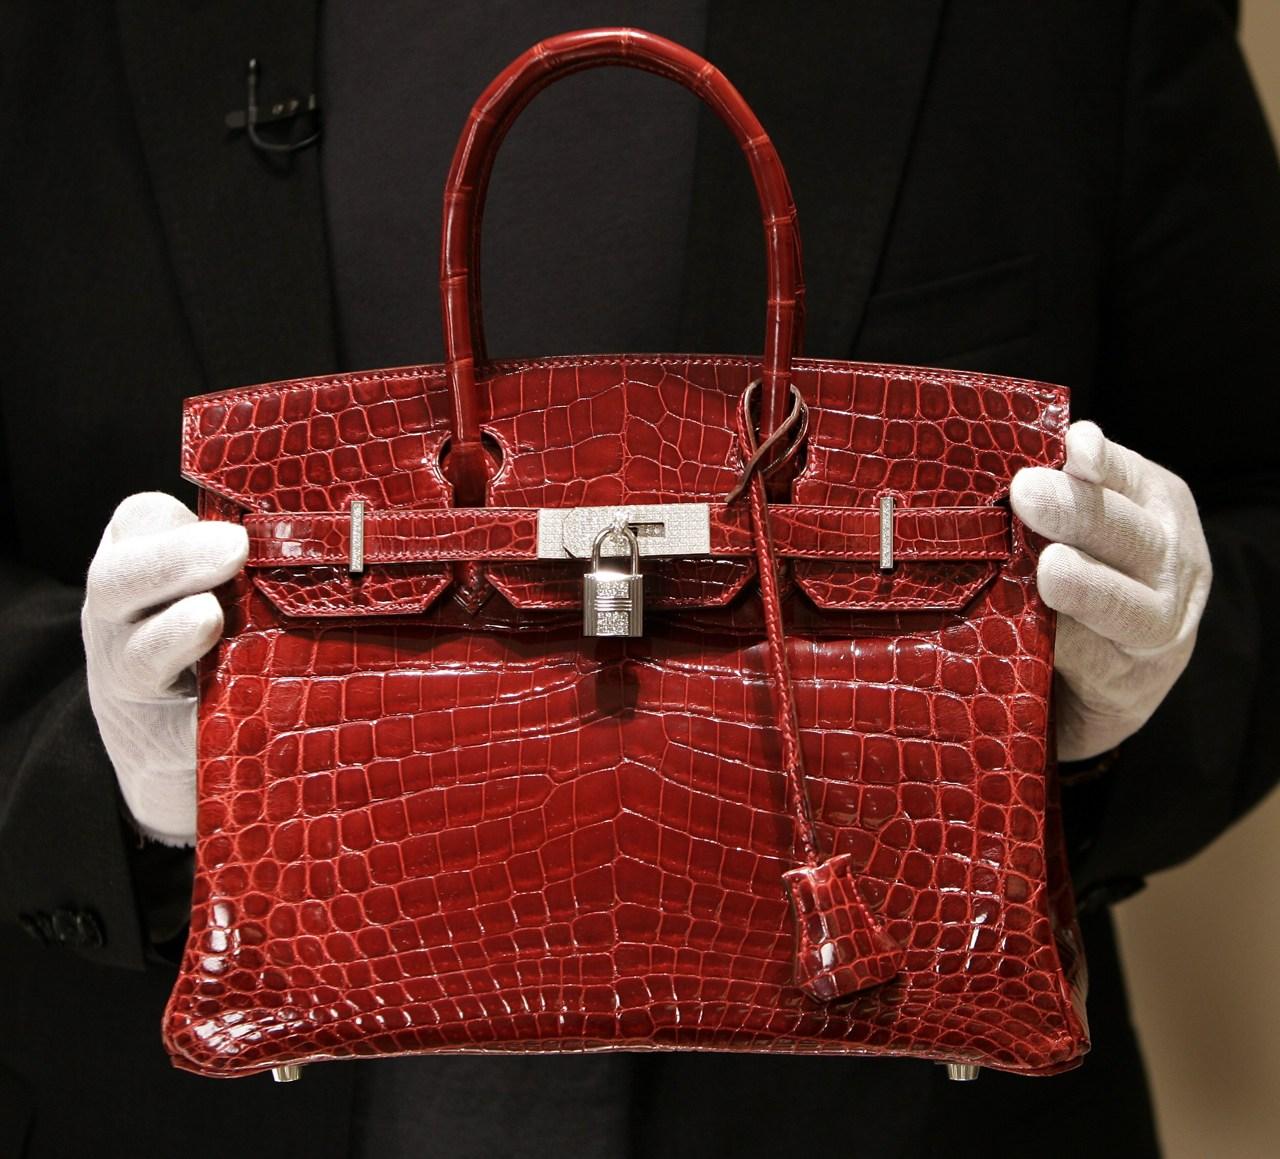 kelly bag knockoff - Jane Birkin a Herm��s: ?Non chiamate la borsa con il mio nome ...